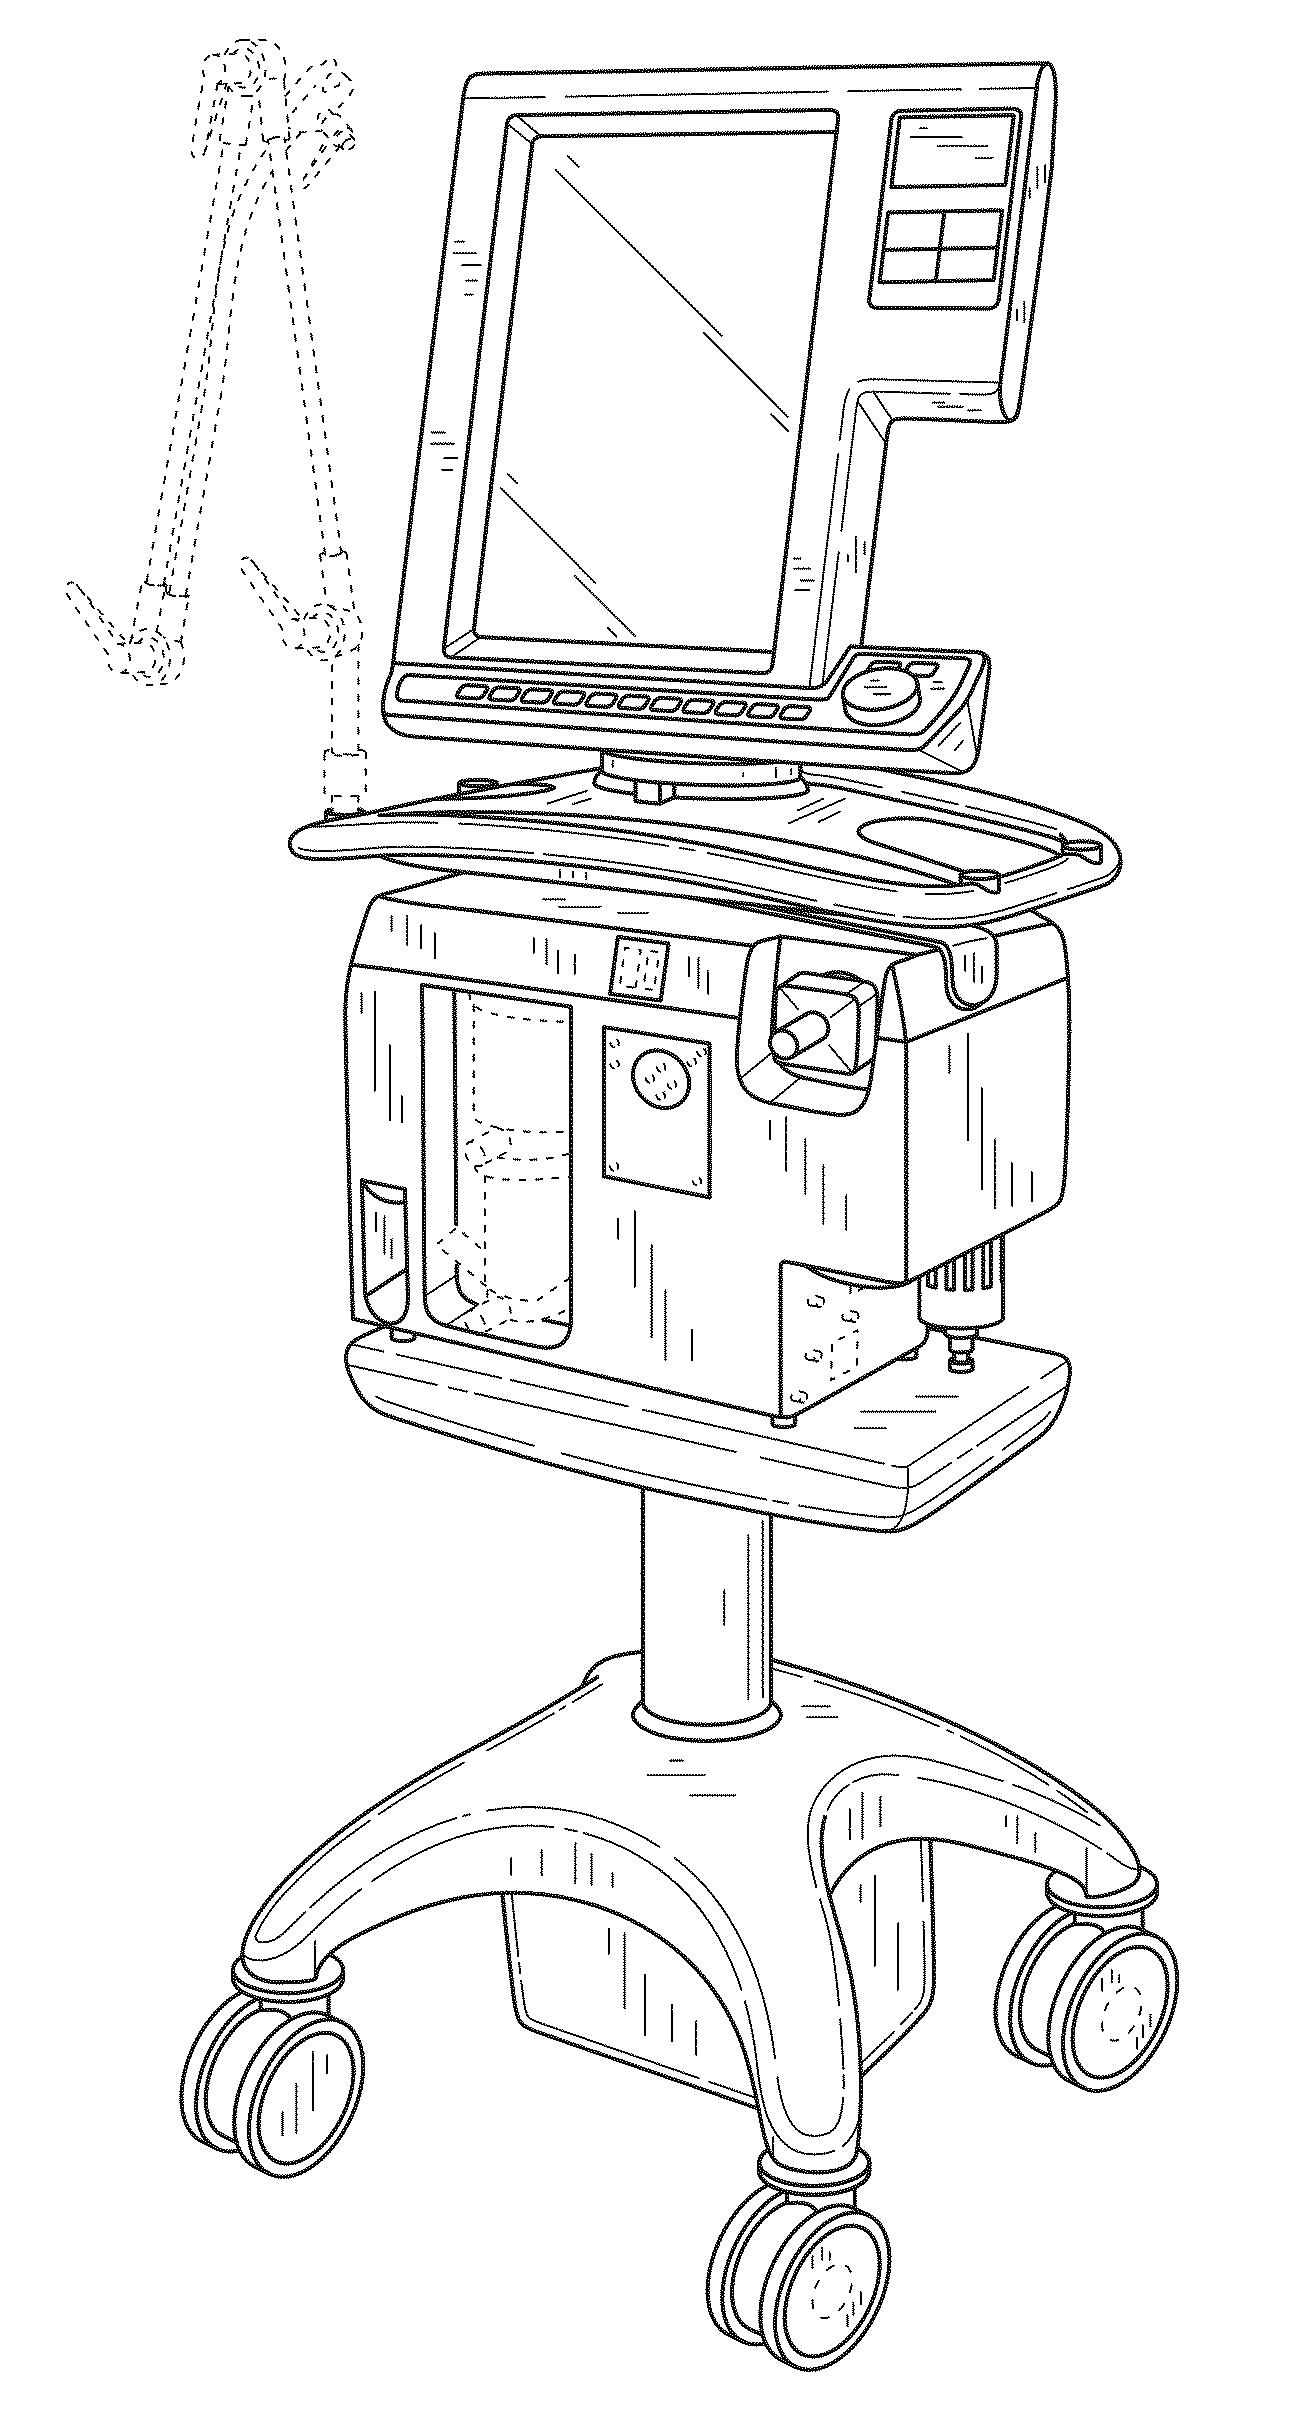 Innovative Nellcor Puritan Bennett Design Patent For